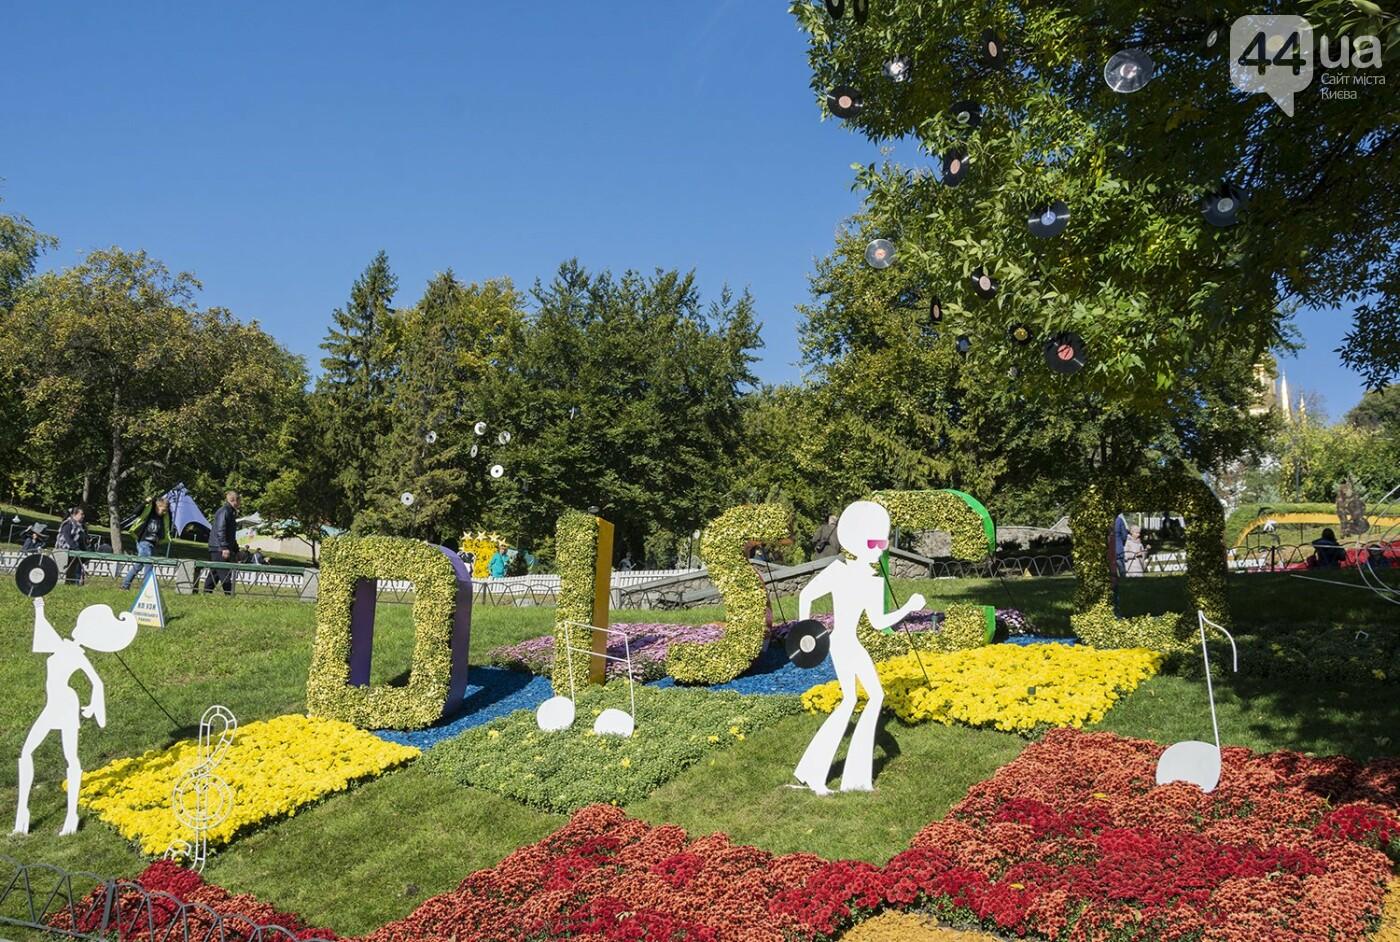 С музыкой и цветами: в Киеве стартовал красочный фестиваль хризантем, - ФОТОРЕПОРТАЖ, фото-18